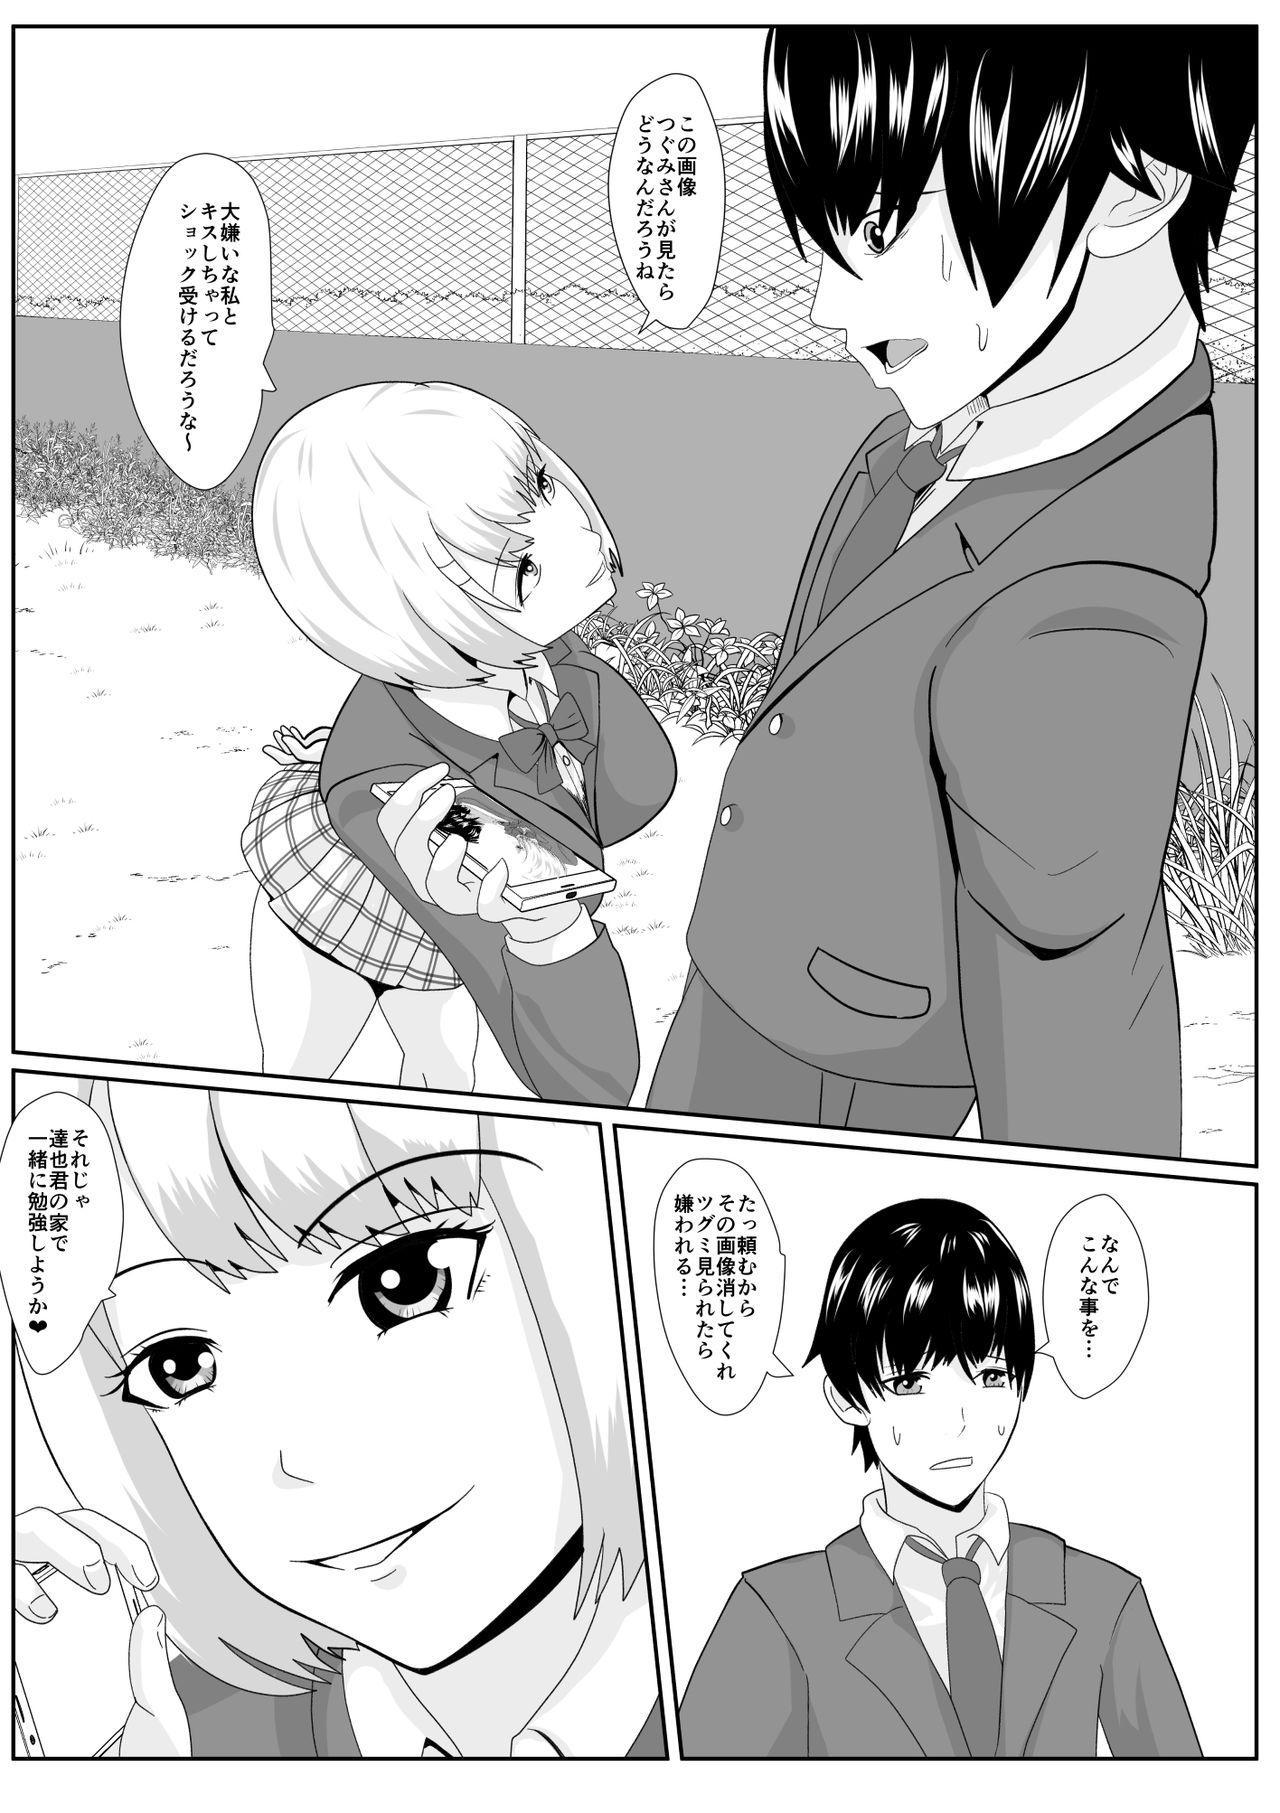 Sakasama 14